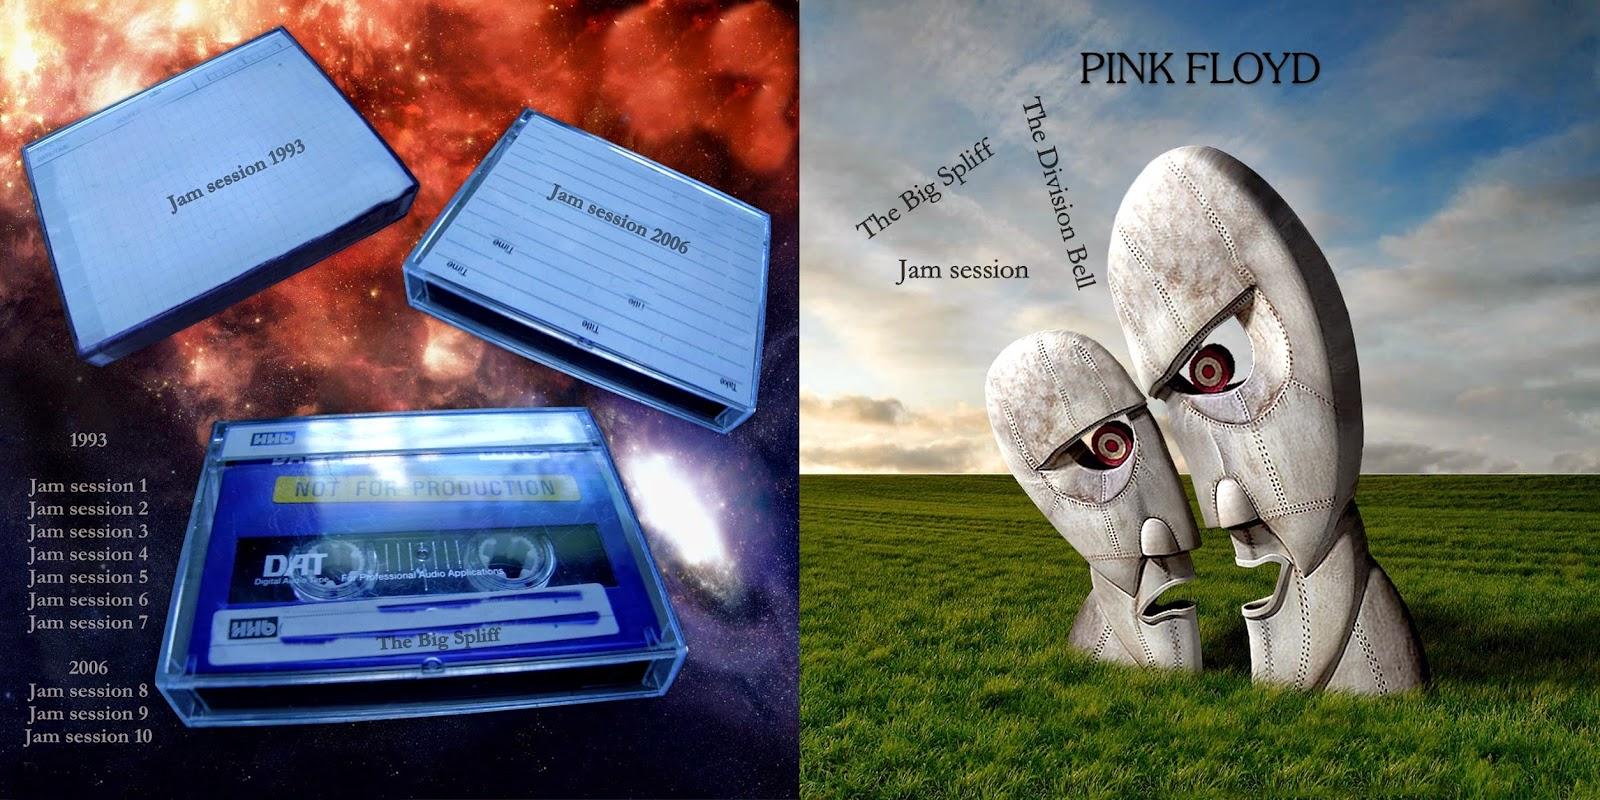 http://2.bp.blogspot.com/-q6kFFfjBktI/U7mH7VbVHzI/AAAAAAAAHpw/QdqUxGD8MDw/s1600/Pink+Floyd++front.jpg